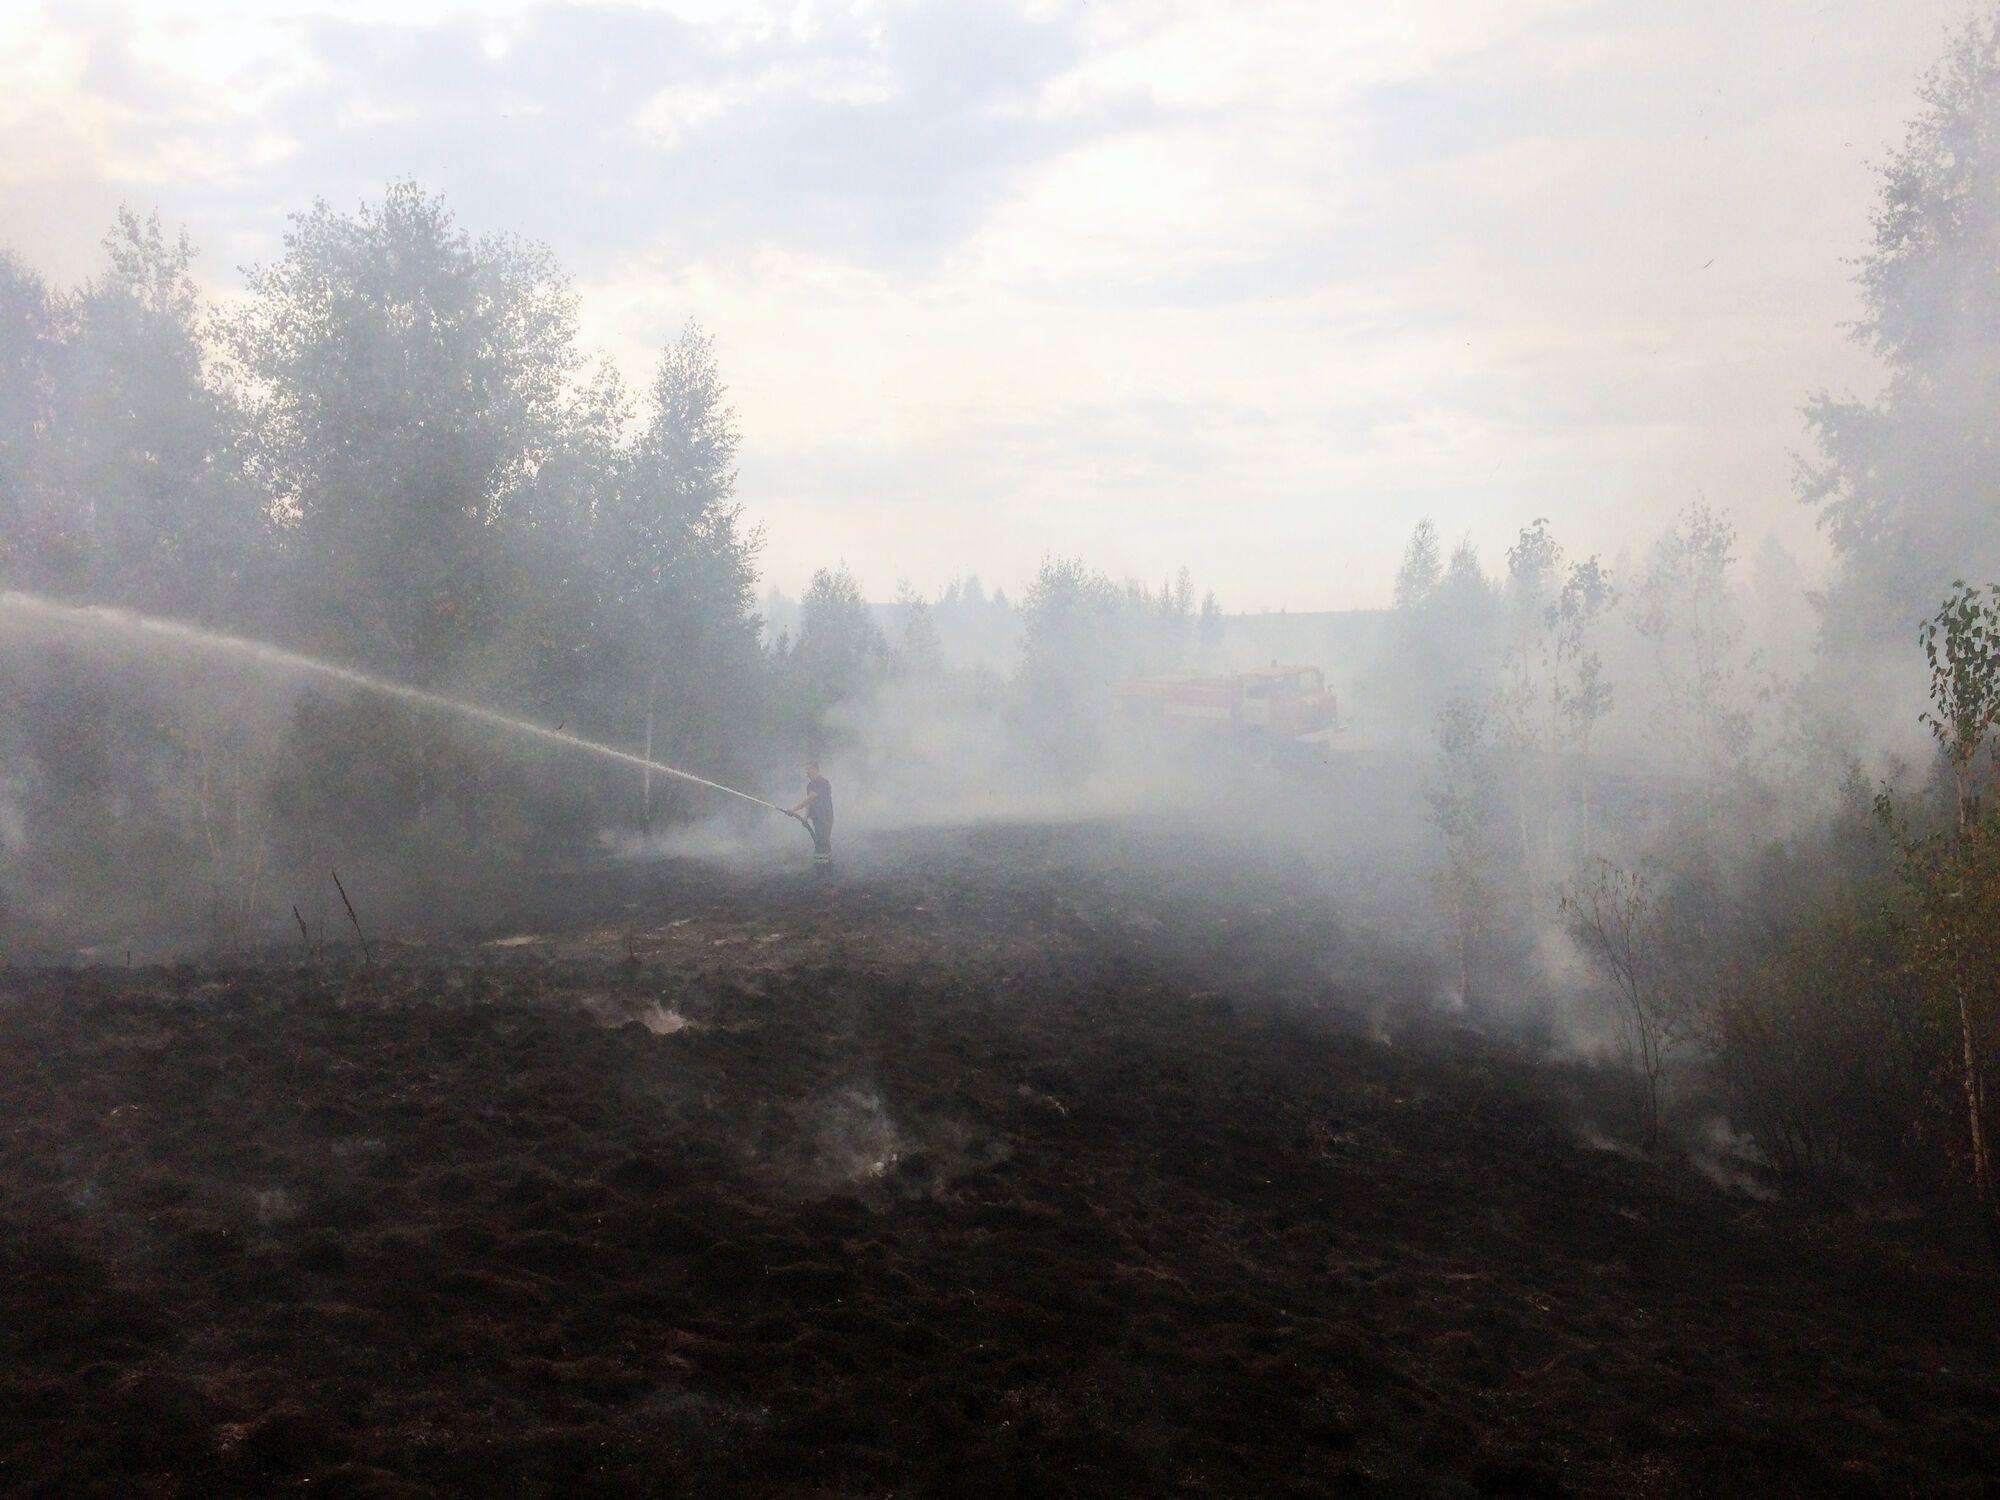 Під Черкасами палахкотить масштабна пожежа: оголошено надзвичайну ситуацію